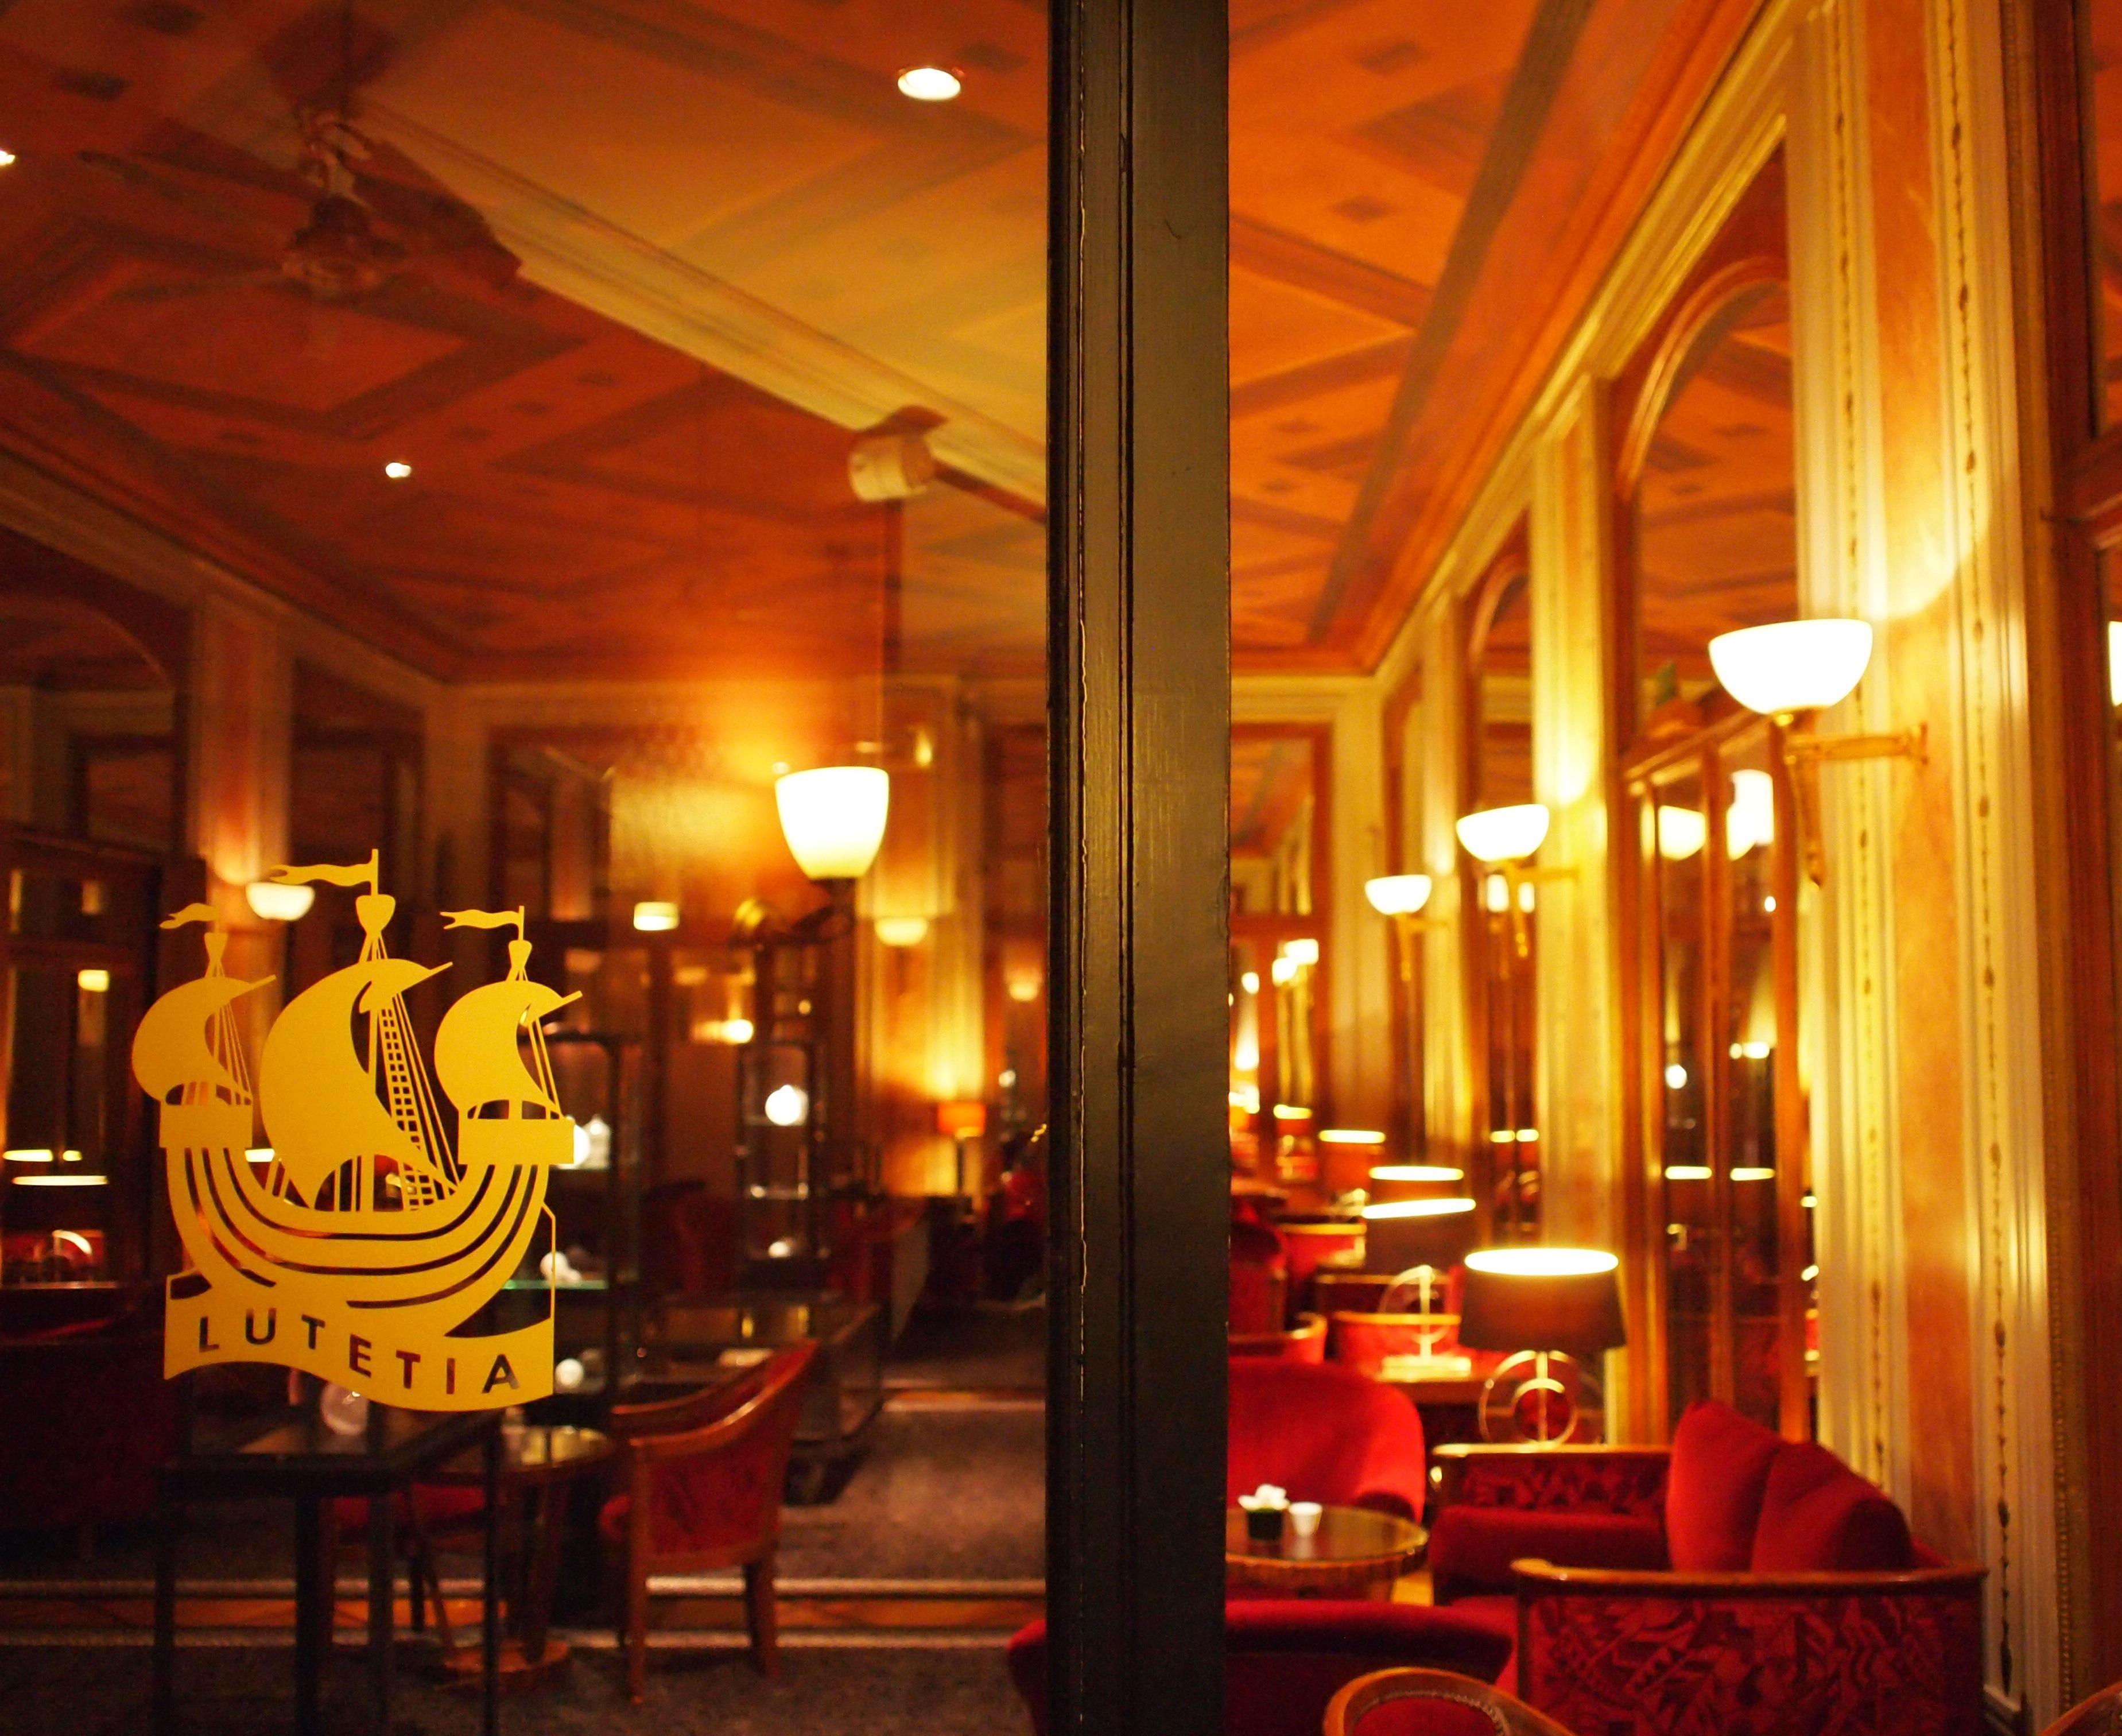 Saint valentin 2012 silencio - Hotel lutetia paris restaurant ...